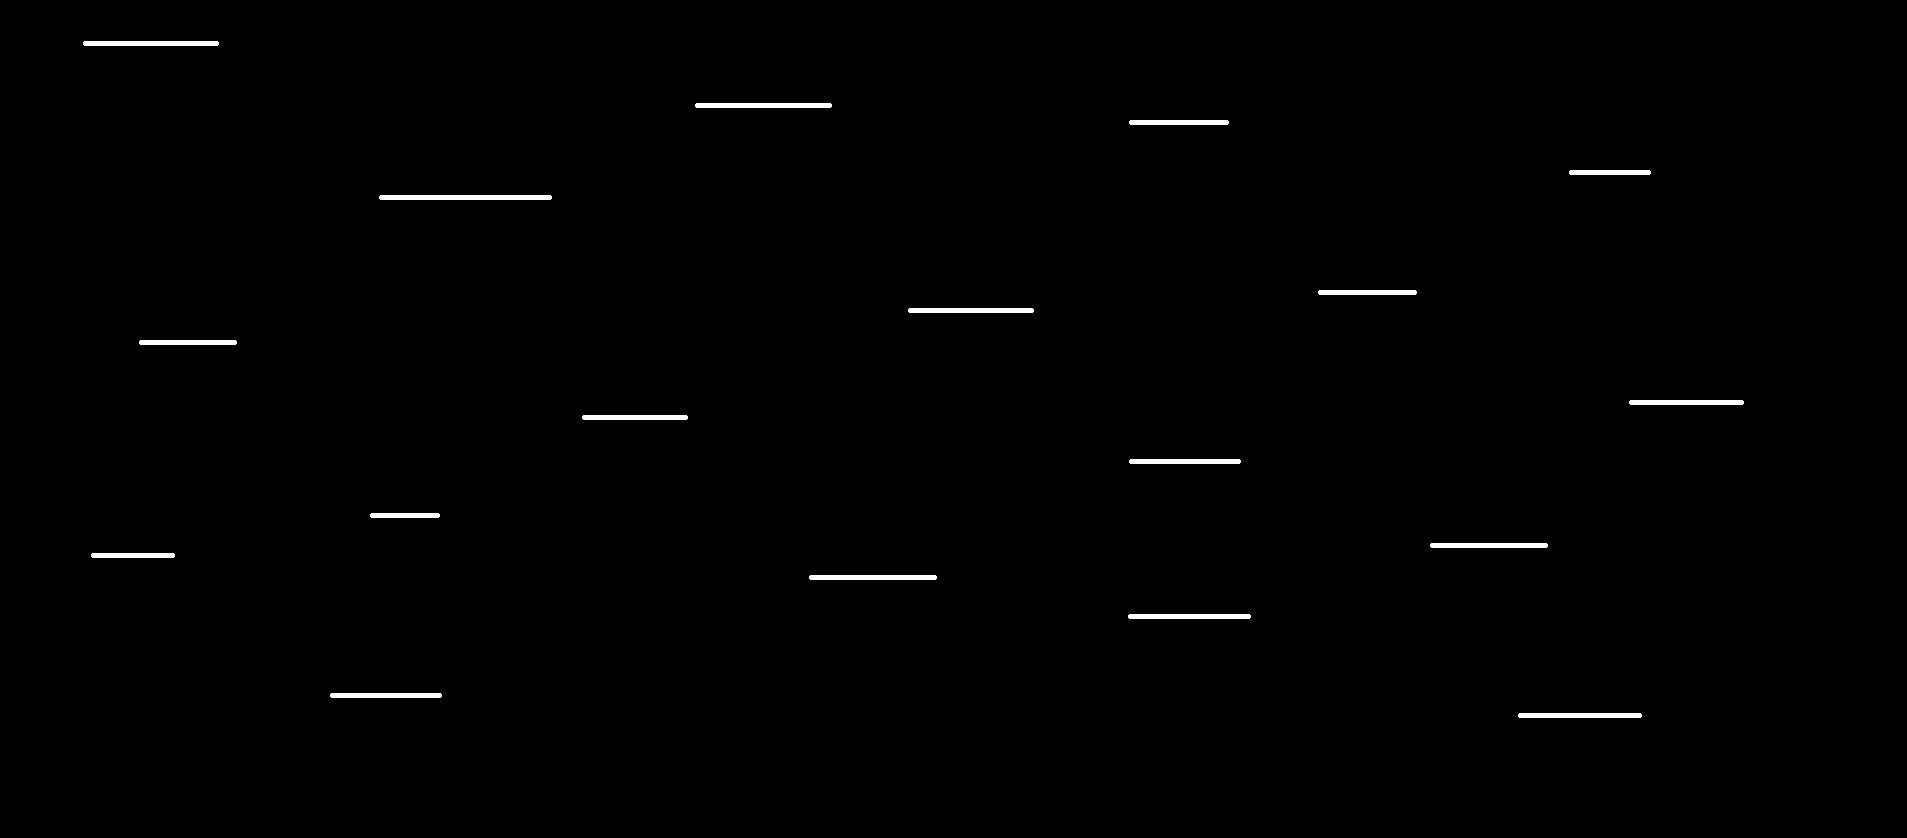 Sony CCD-TR380E PAL - Bia�e paski na wy�wietlaczu w trybie nagrywania